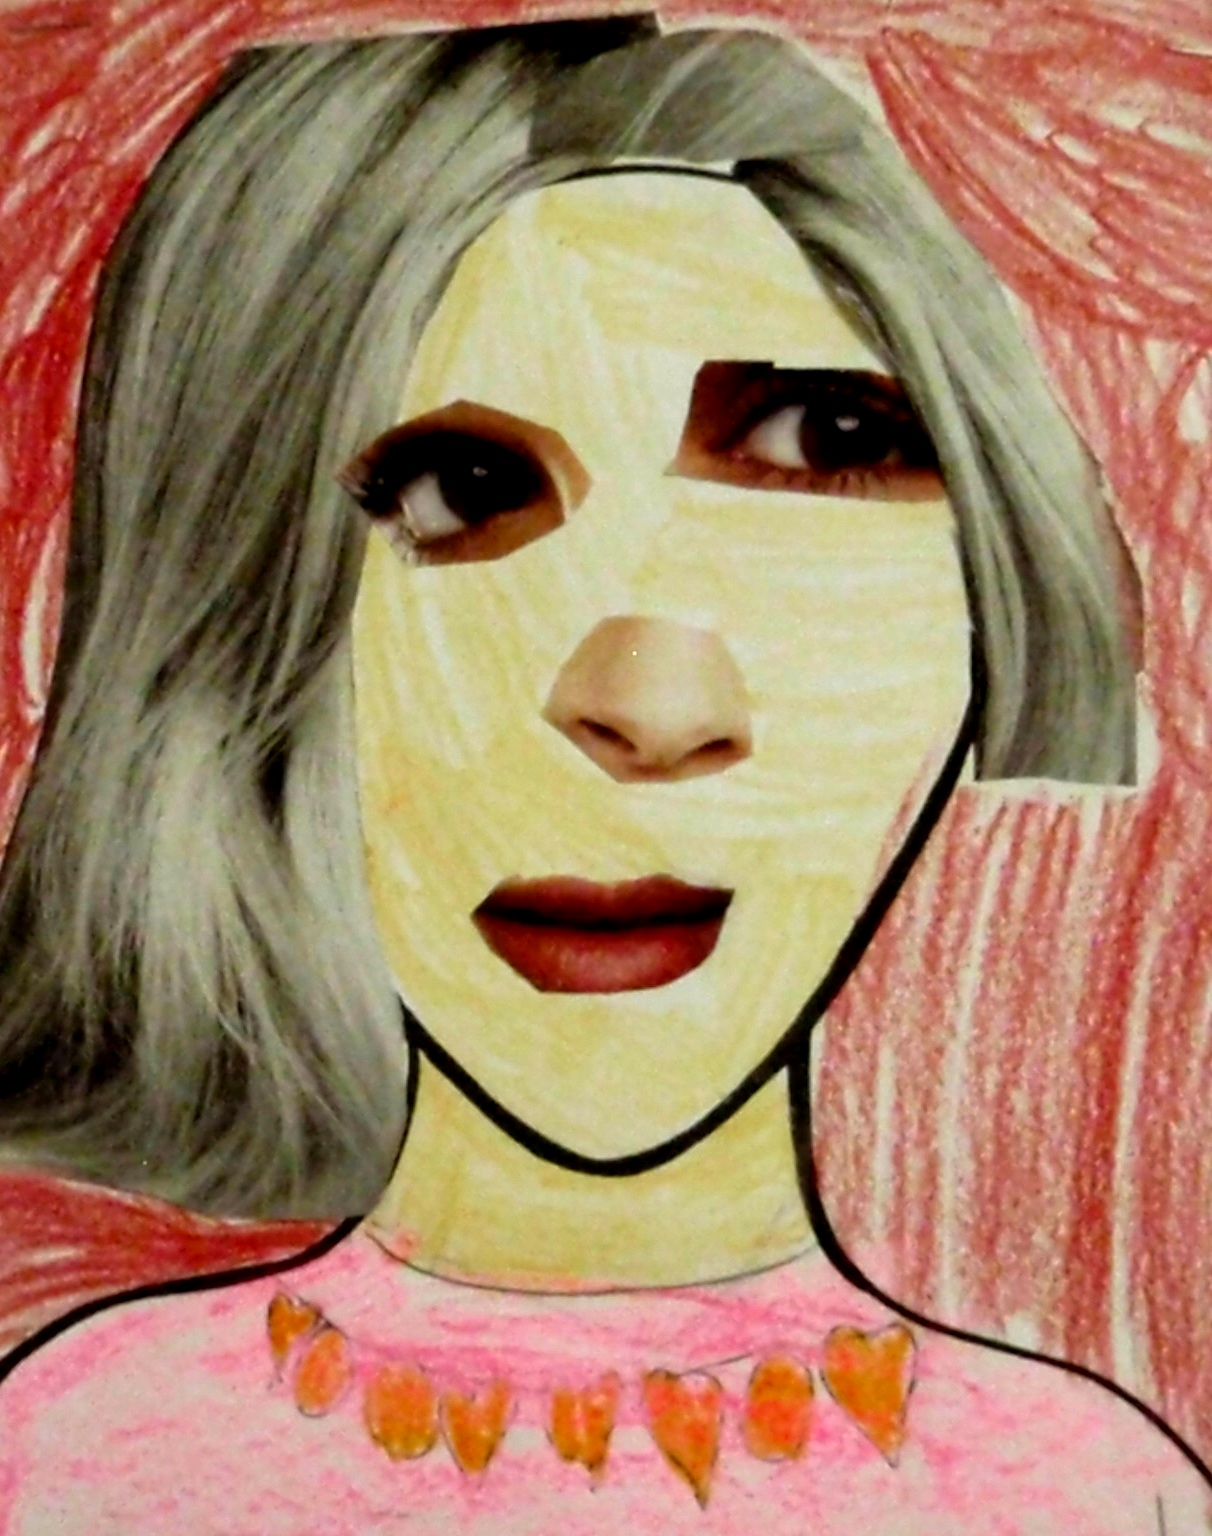 Picasso Cubist Faces Picasso style portraits